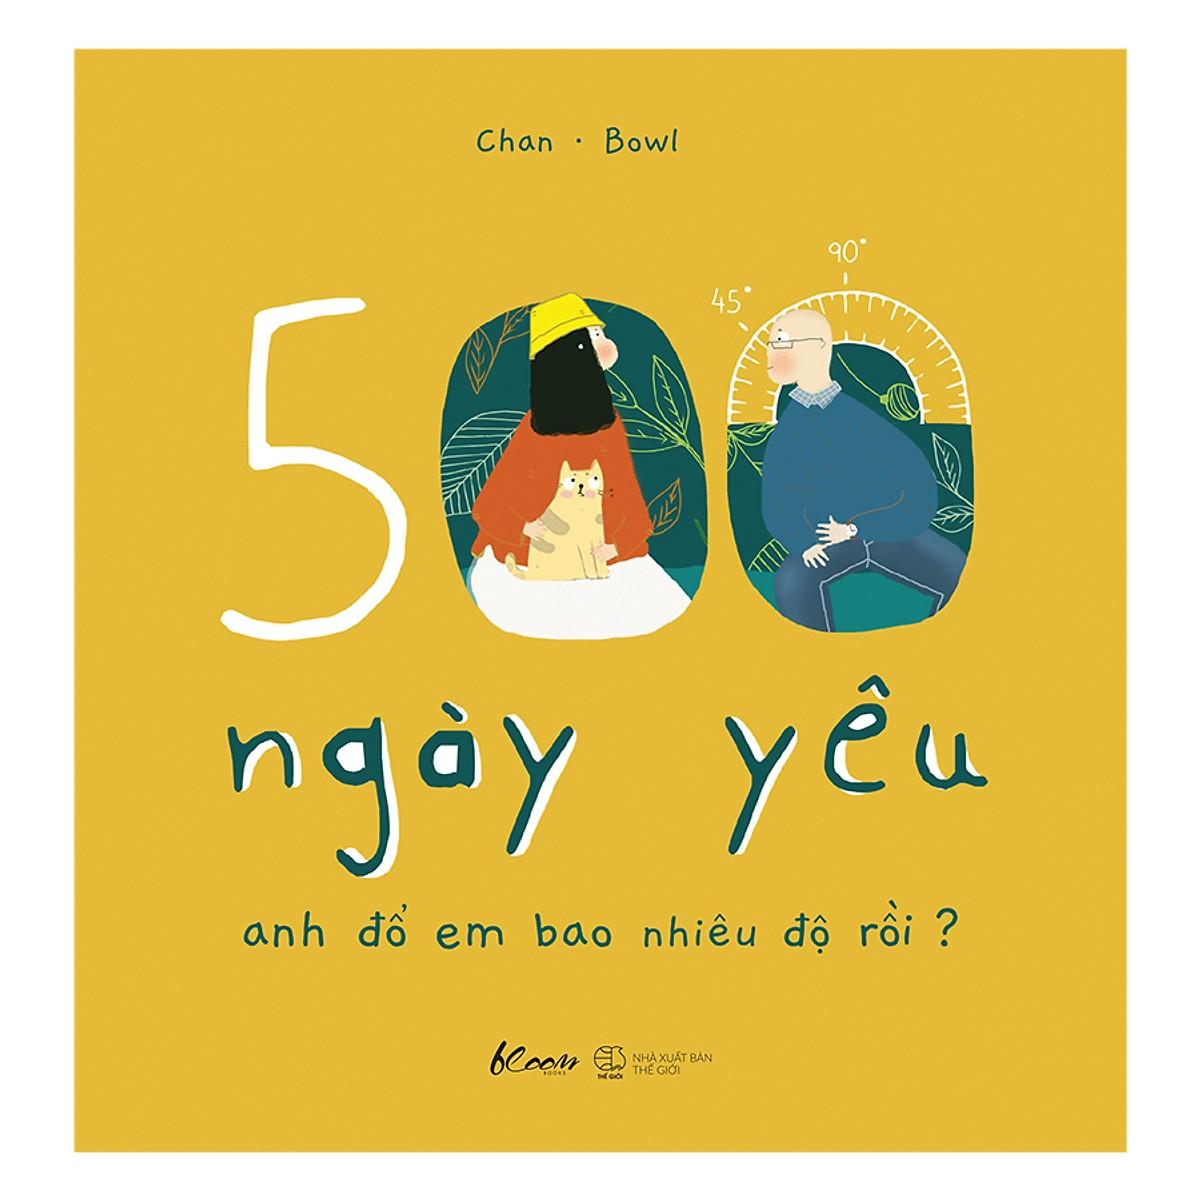 Top sách hay ý nghĩa tặng người yêu - 500 ngày yêu